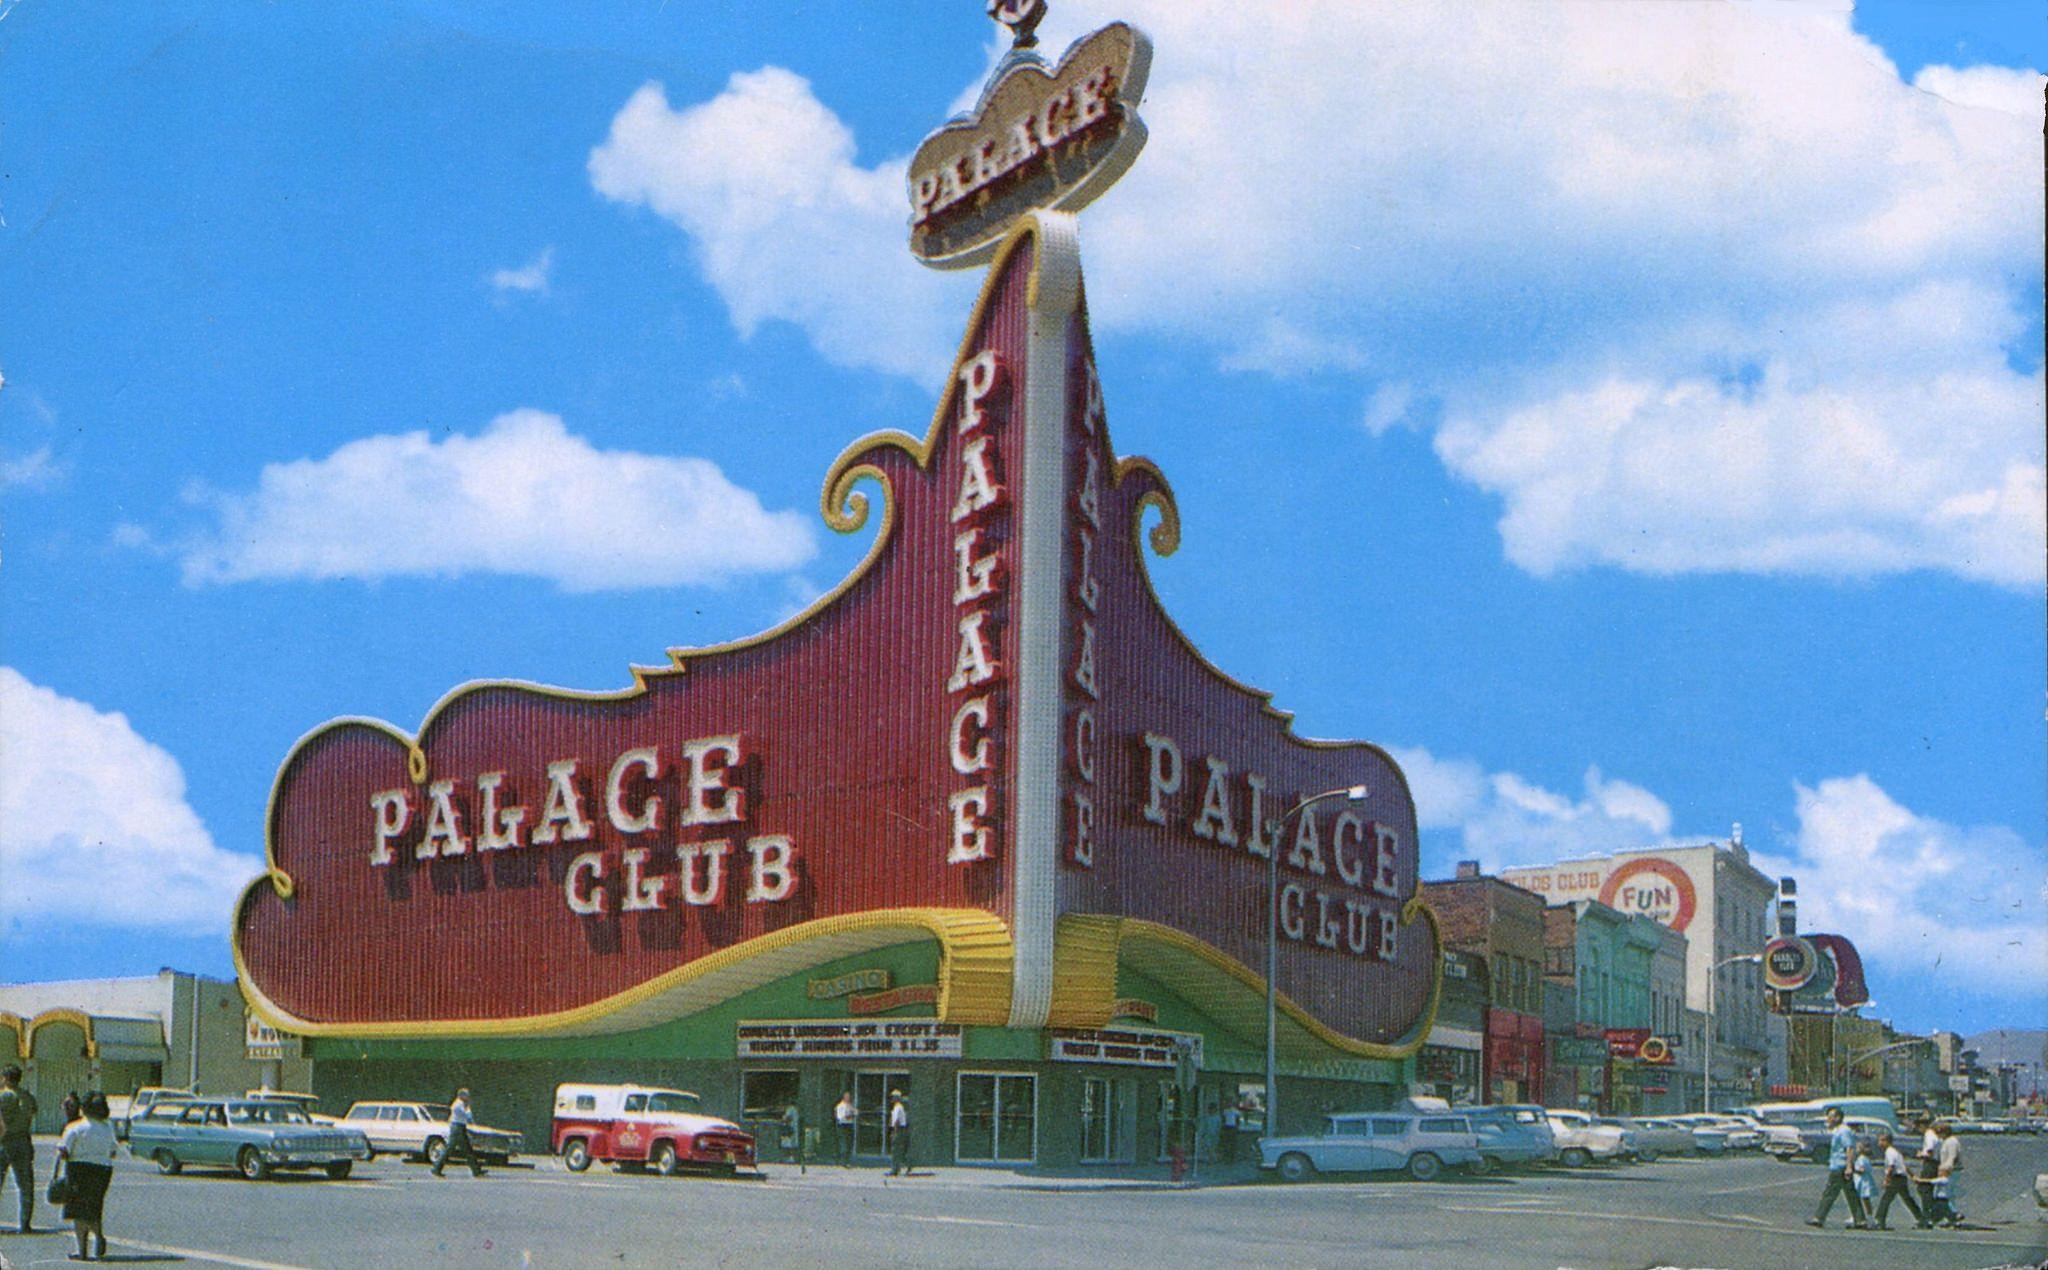 Palace Club Reno Nevada Nevada Reno Nevada Reno Tahoe